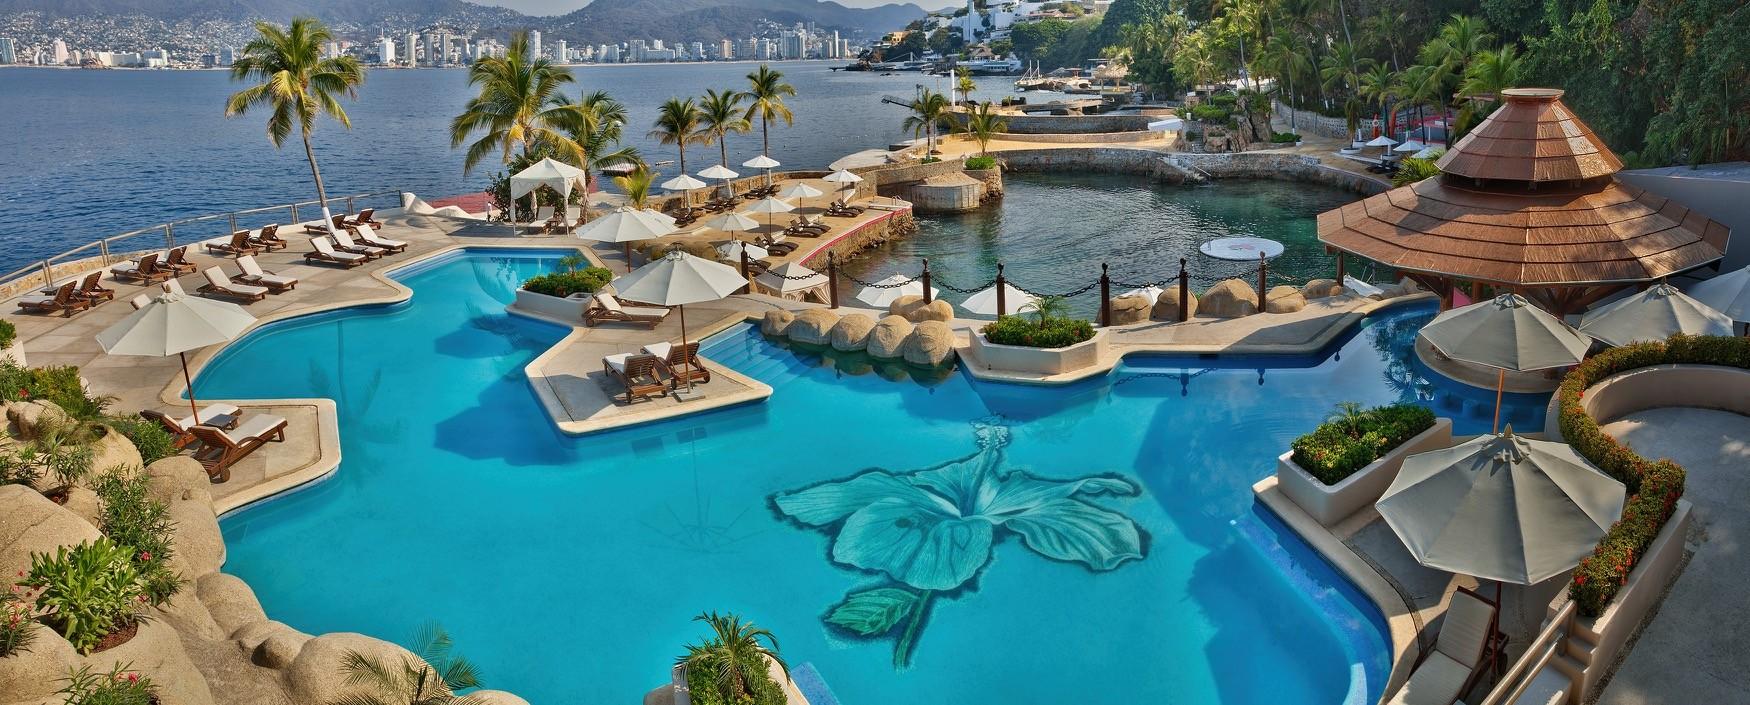 Panoramica del hotel Las Brisas Acapulco